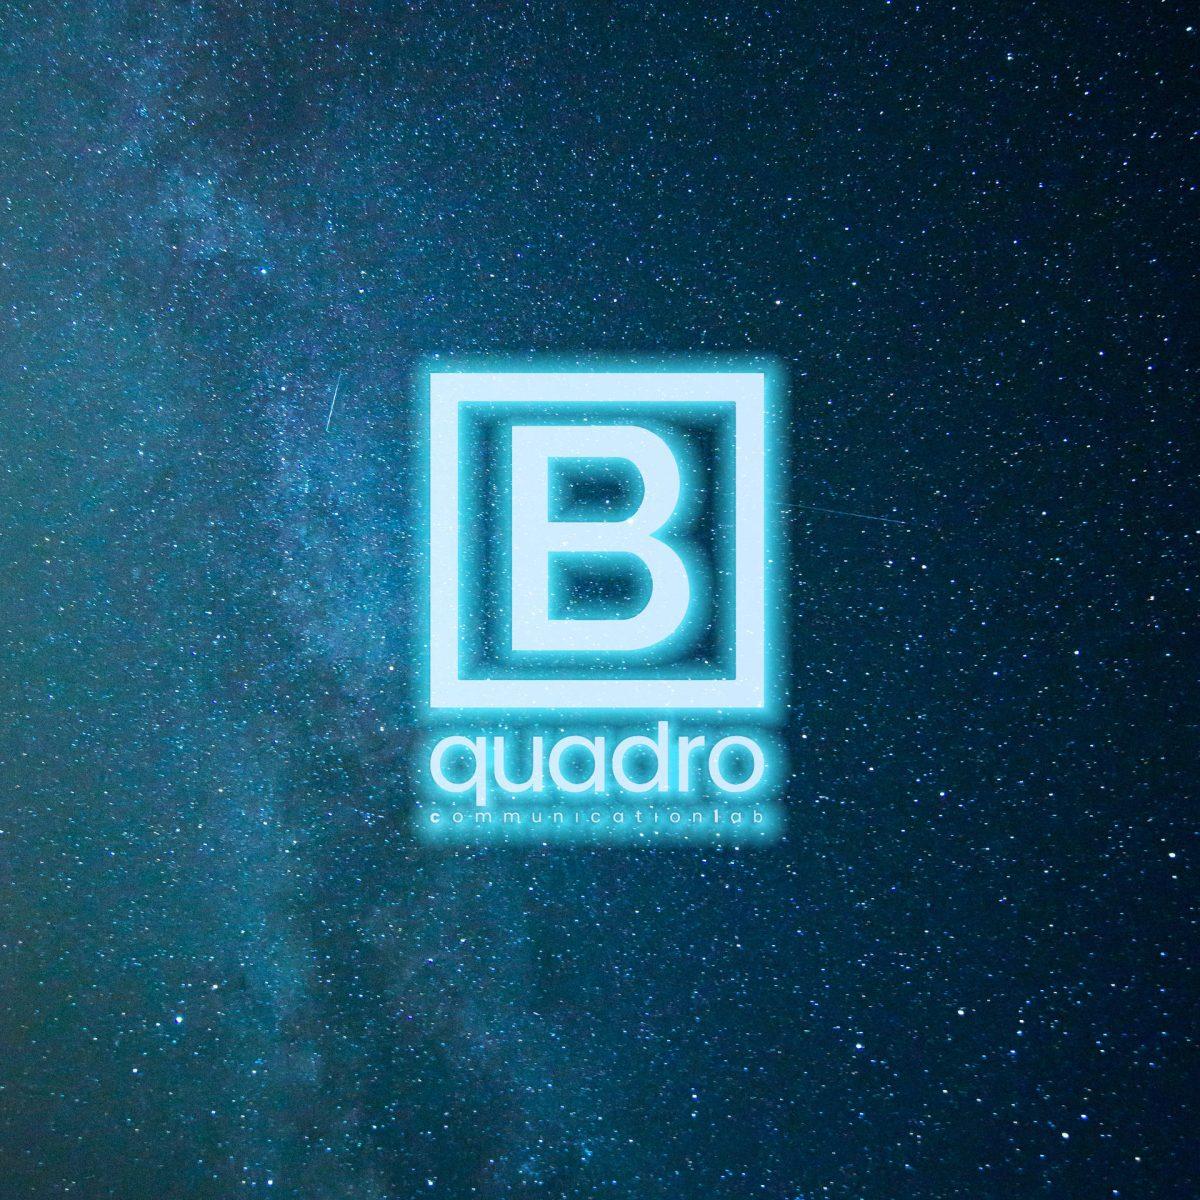 logo-bquadro-agency-agenzia-di-comunicazione-e-marketing-brescia